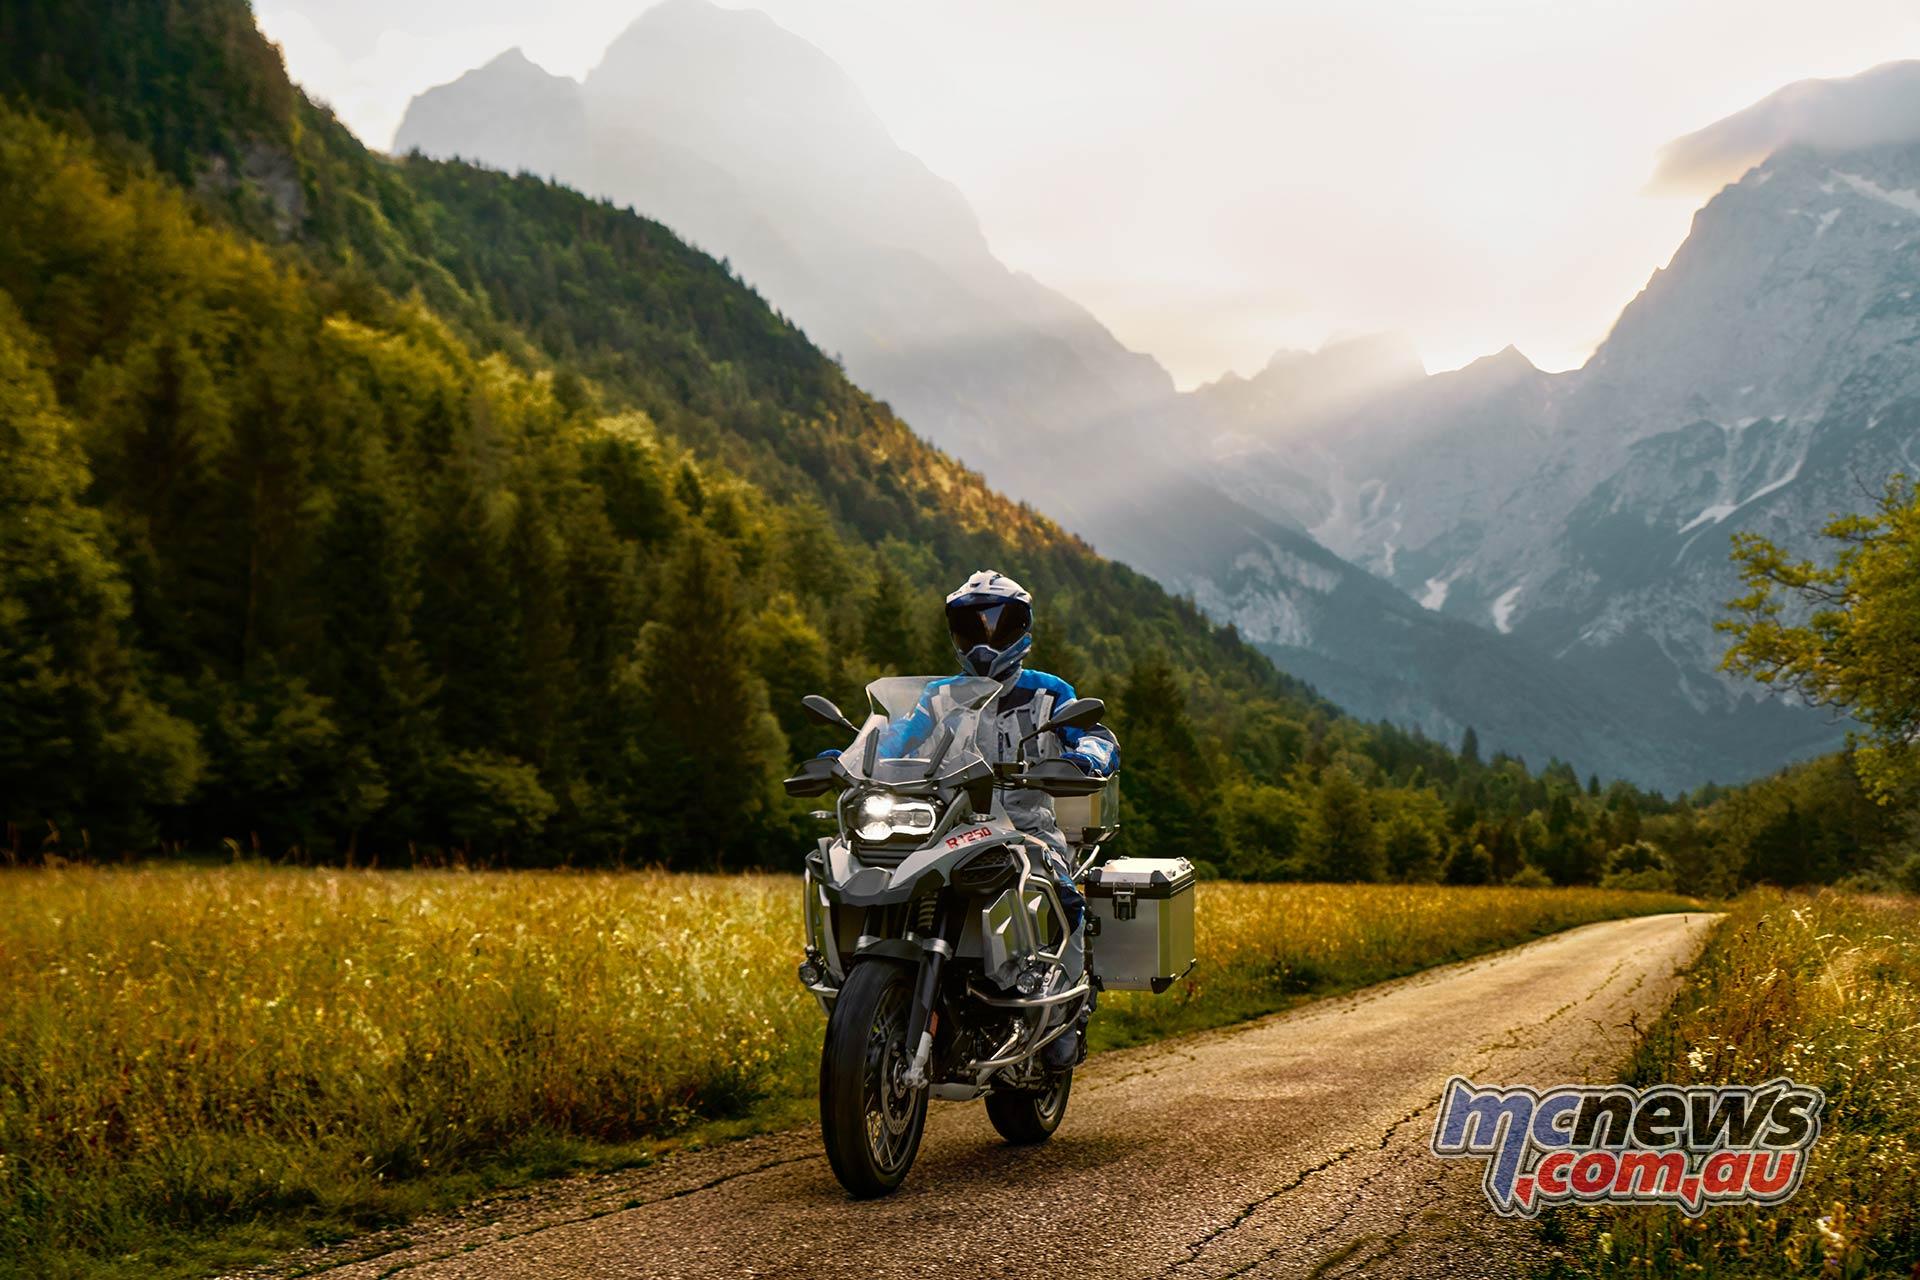 2019 BMW R 1250 GS Adventure | More mumbo | Sharp looks ...